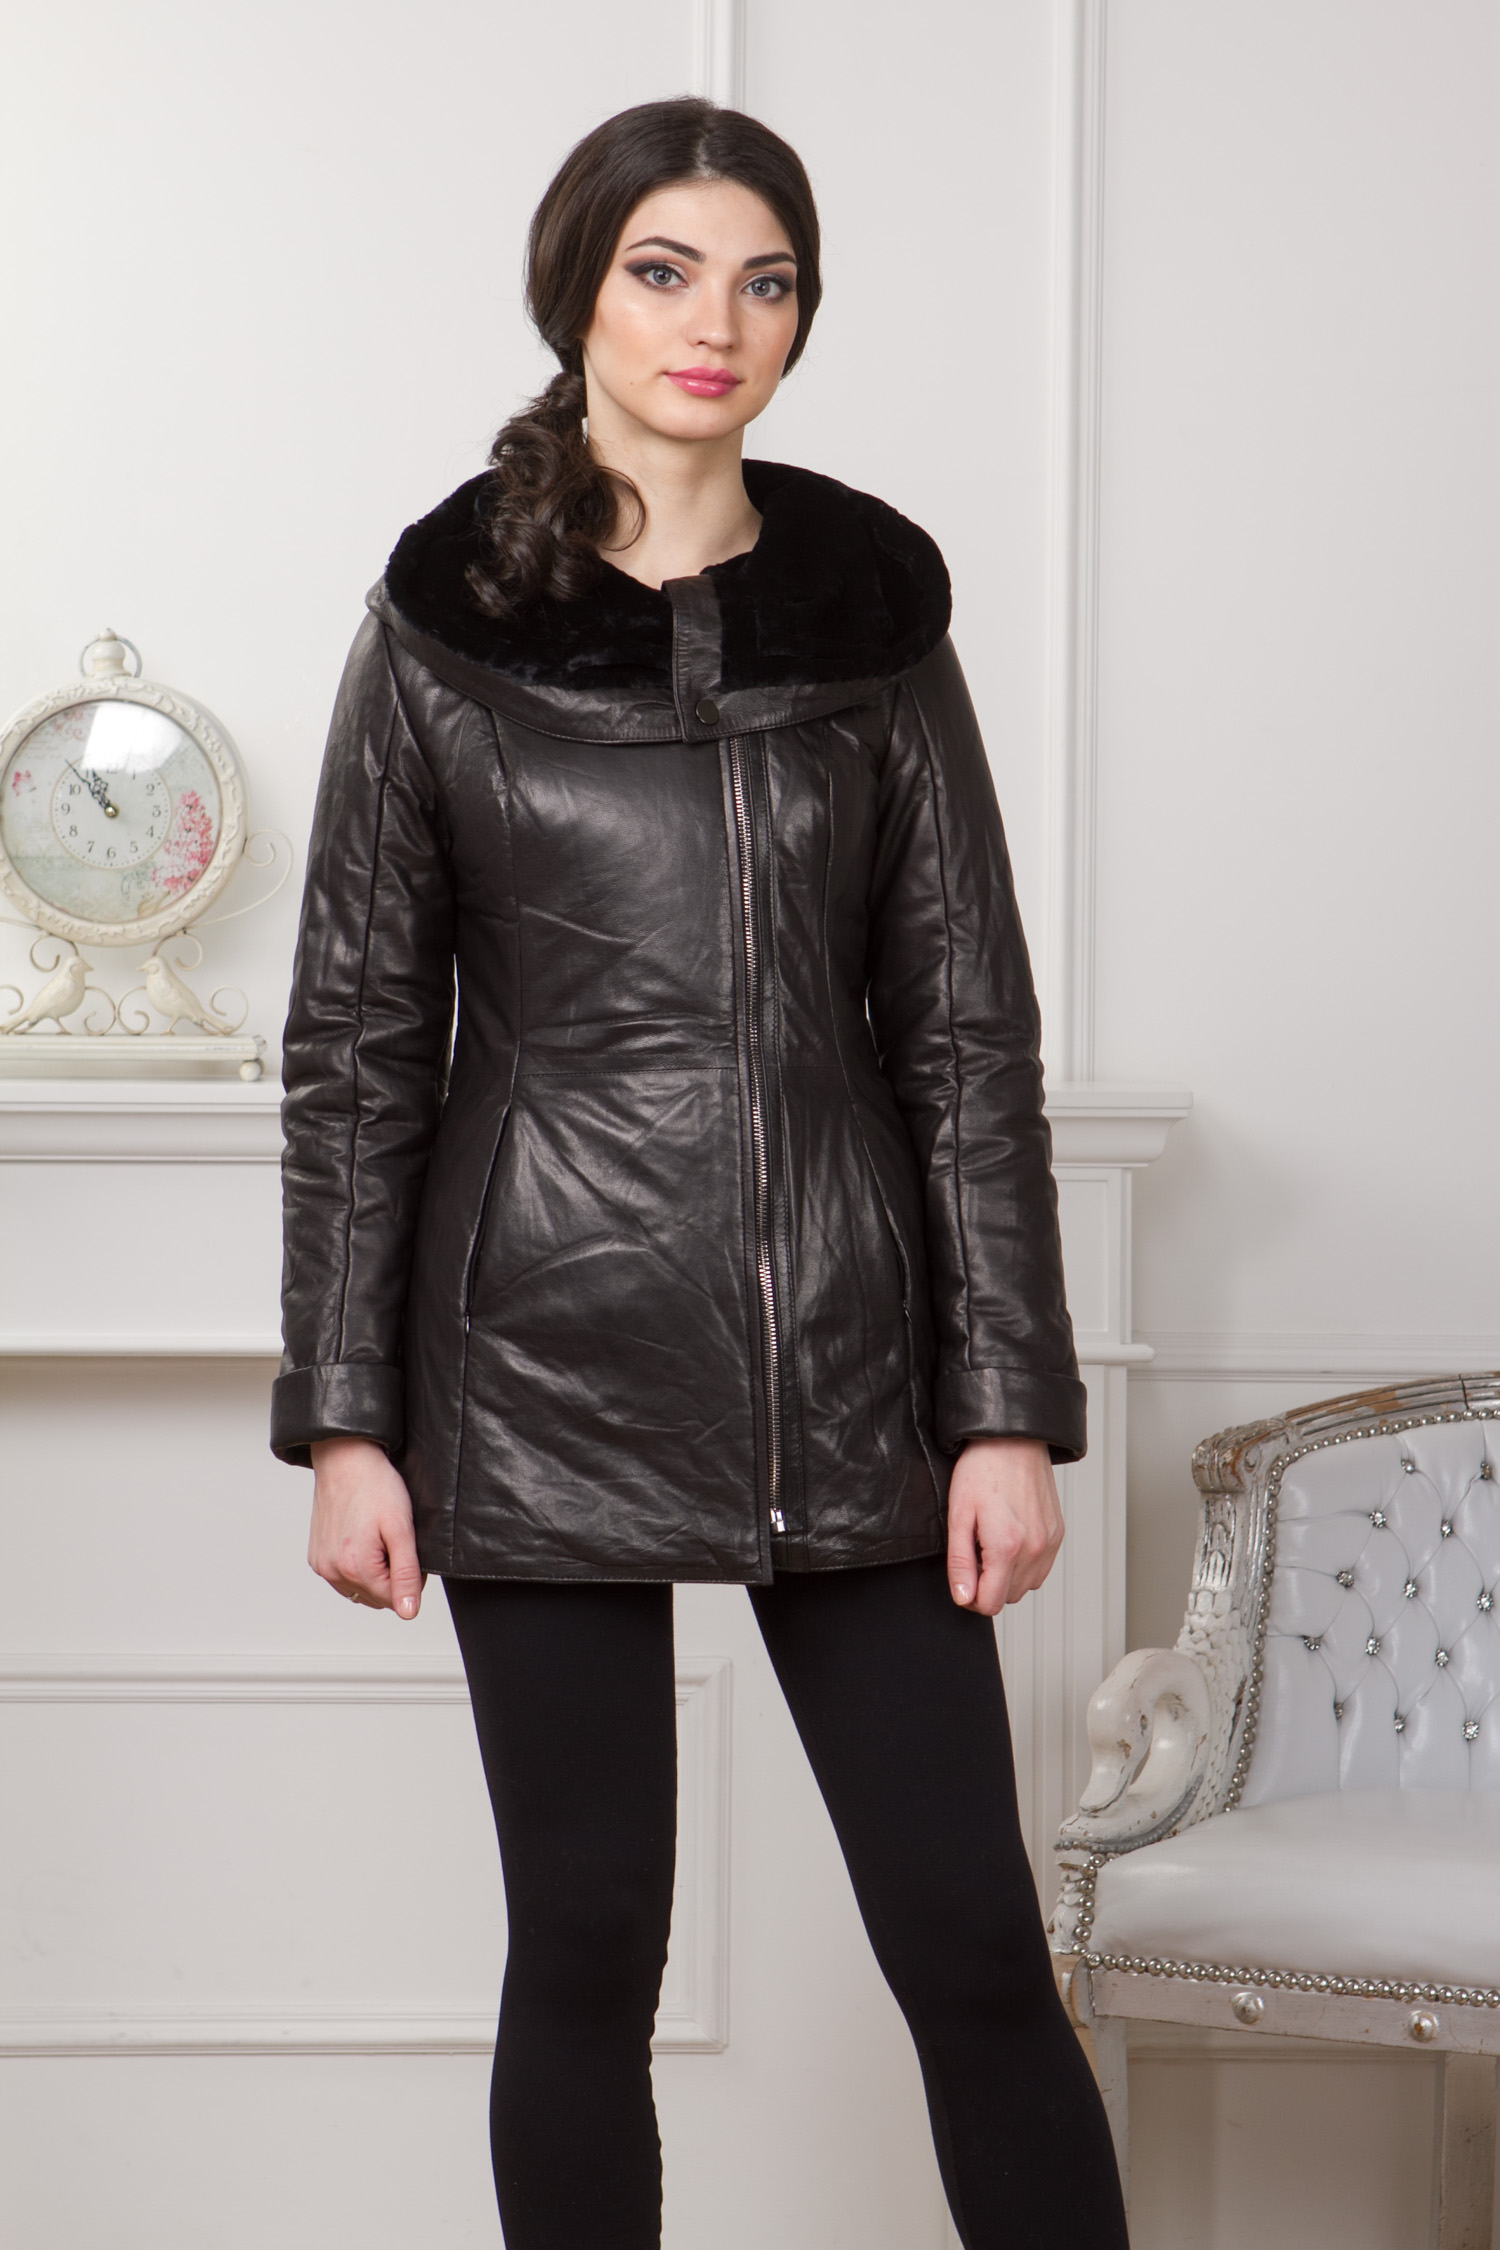 Женская кожаная куртка из натуральной кожи с капюшоном, отделка астраган